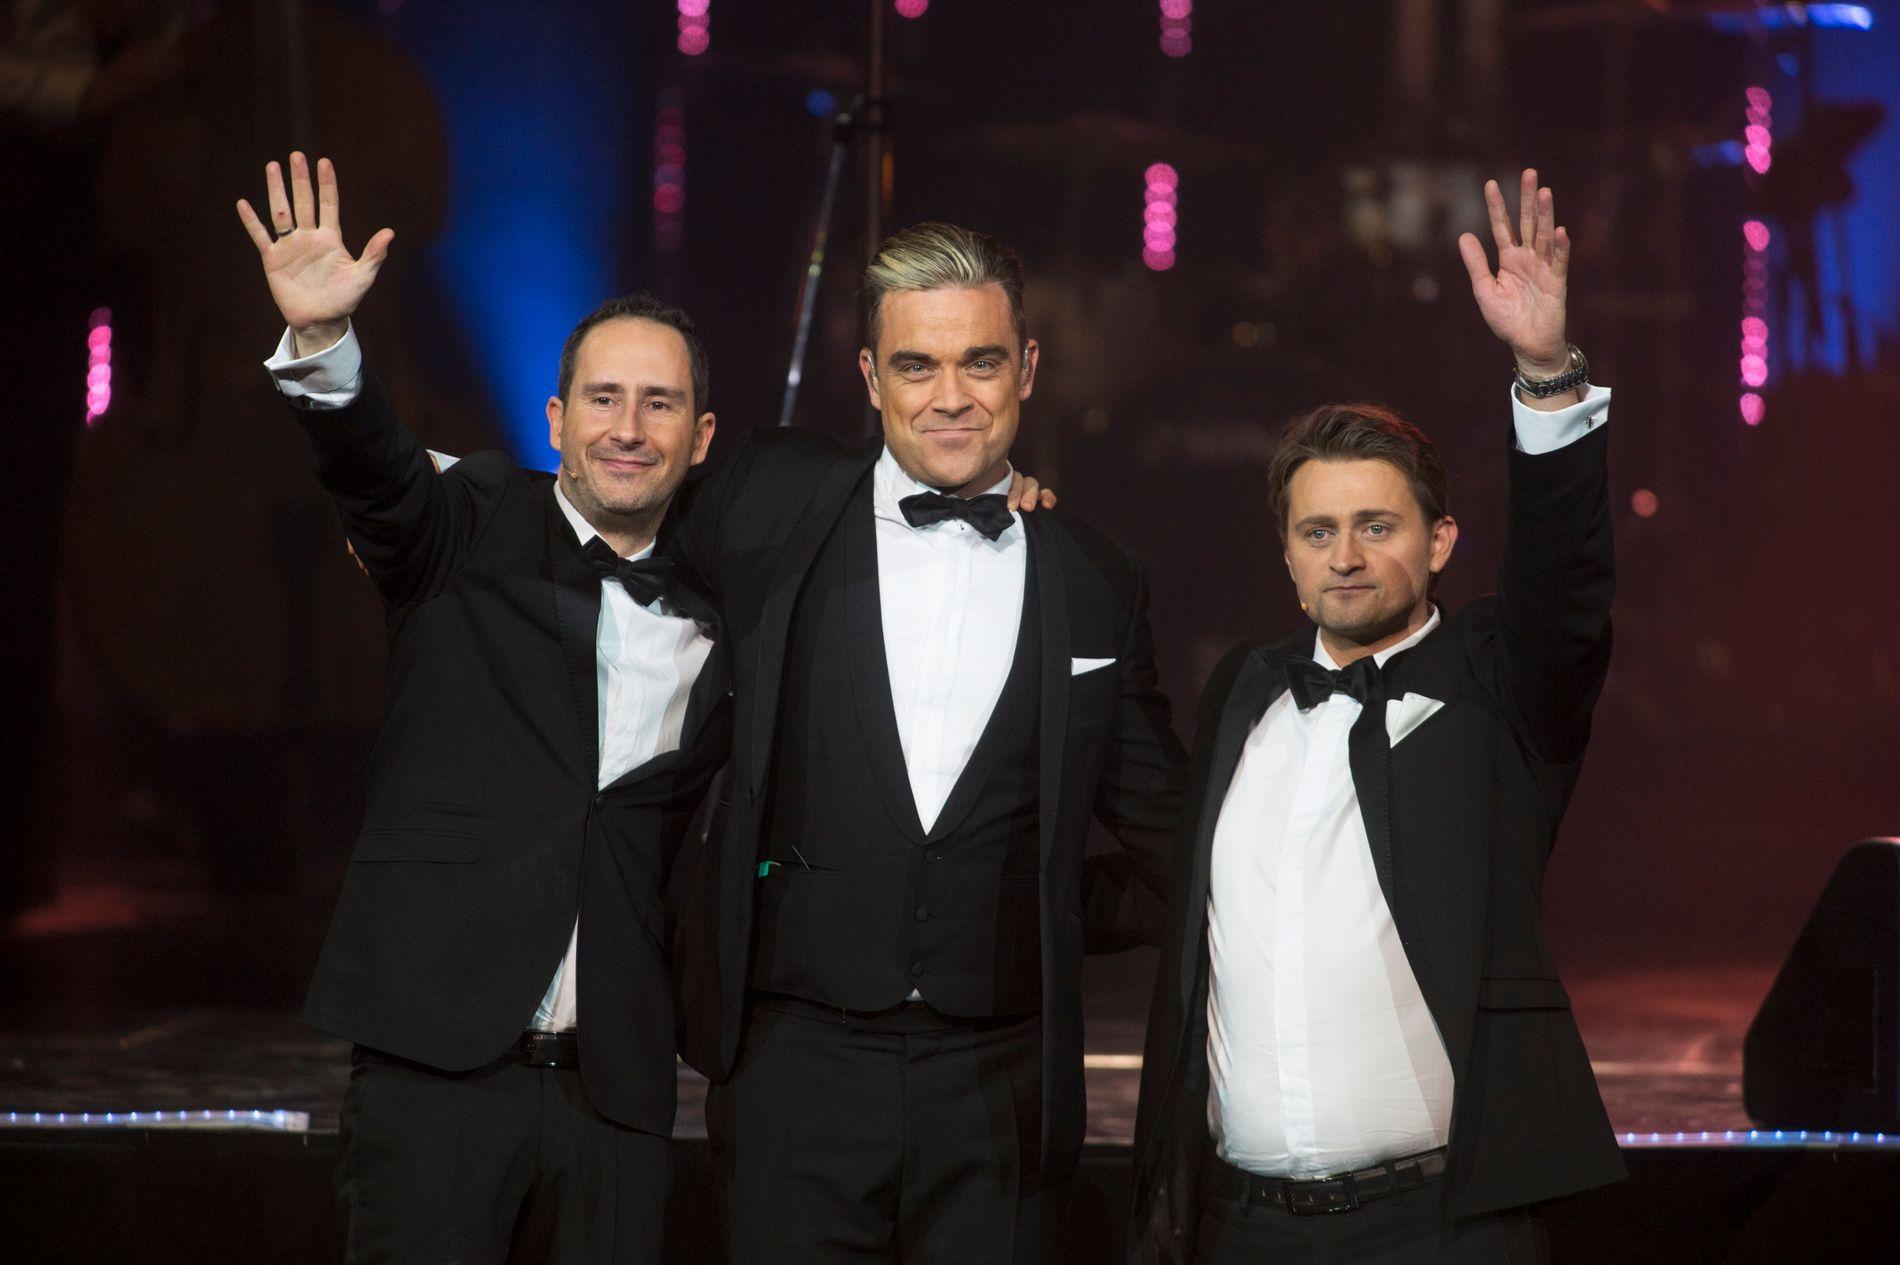 HØYDEPUNKT: Robbie Williams var den første internasjonale superstjernern som besøkte «Senkveld» i 2004. Han var også gjest på jubileumsshowet i 2013 (bildet).